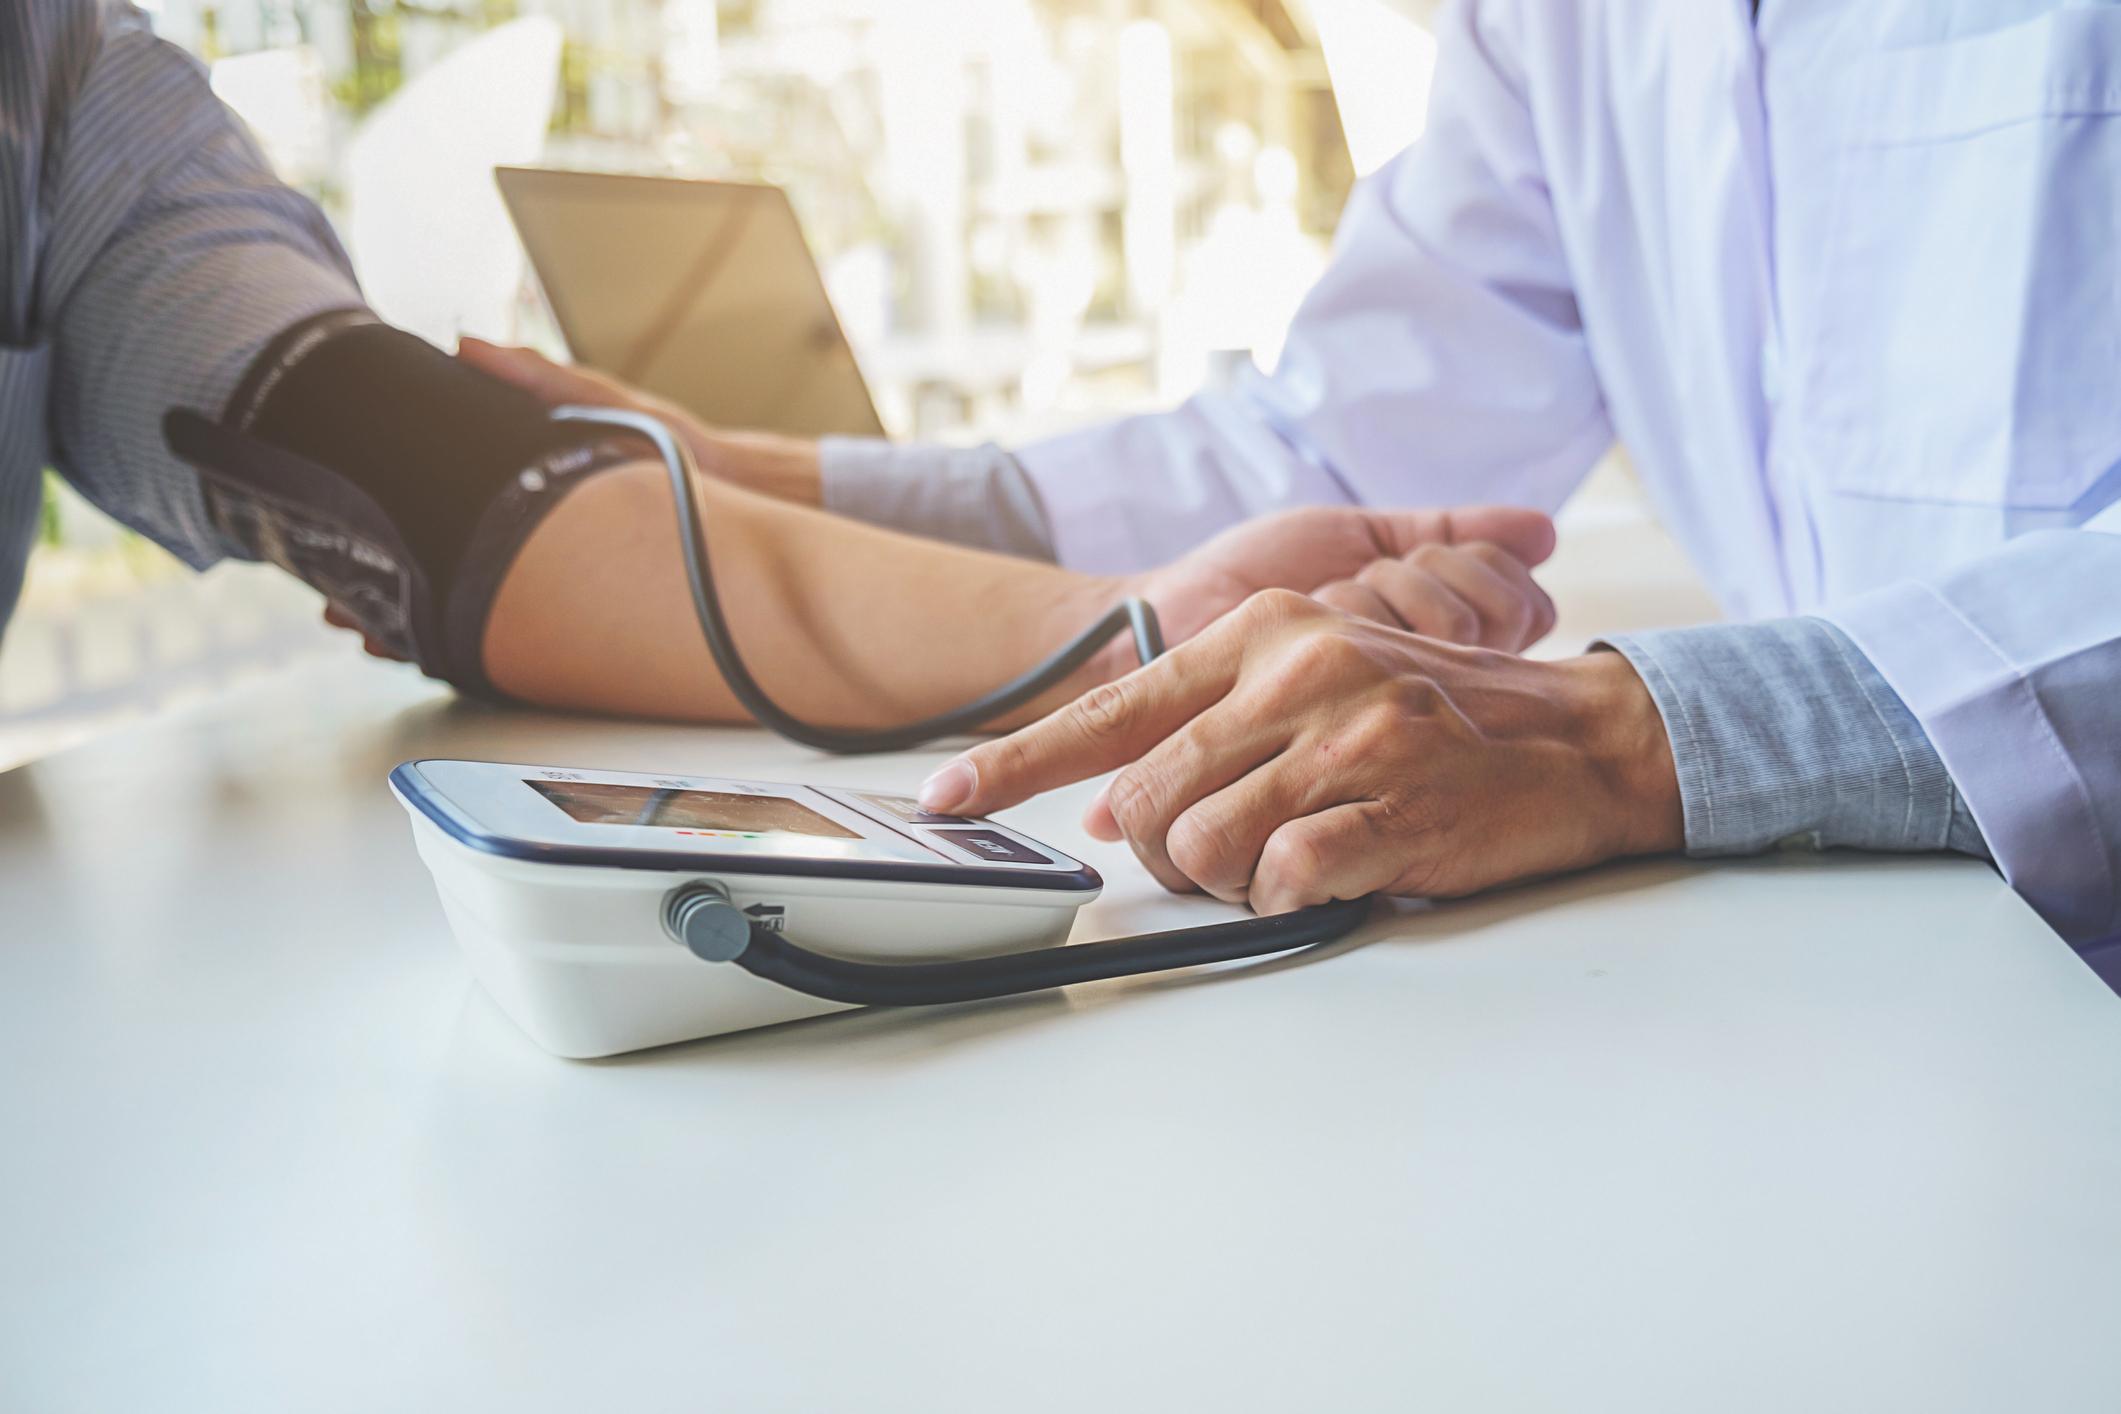 hogyan lehet megérteni azt a magas vérnyomást